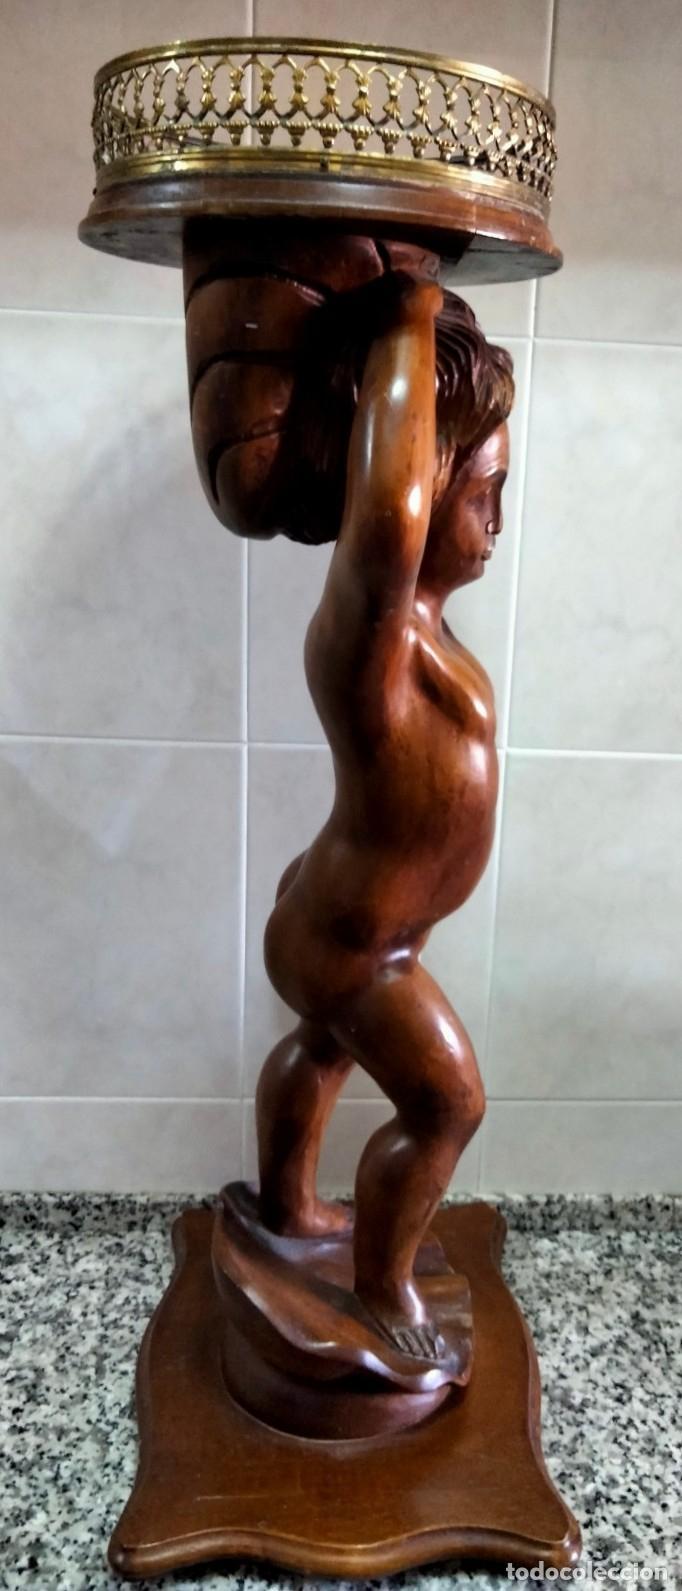 Antigüedades: Gran Peana para Planta de Interior. Figura de Niño Tallado en Caoba y Bandeja con Perfil de Bronce - Foto 6 - 276937178